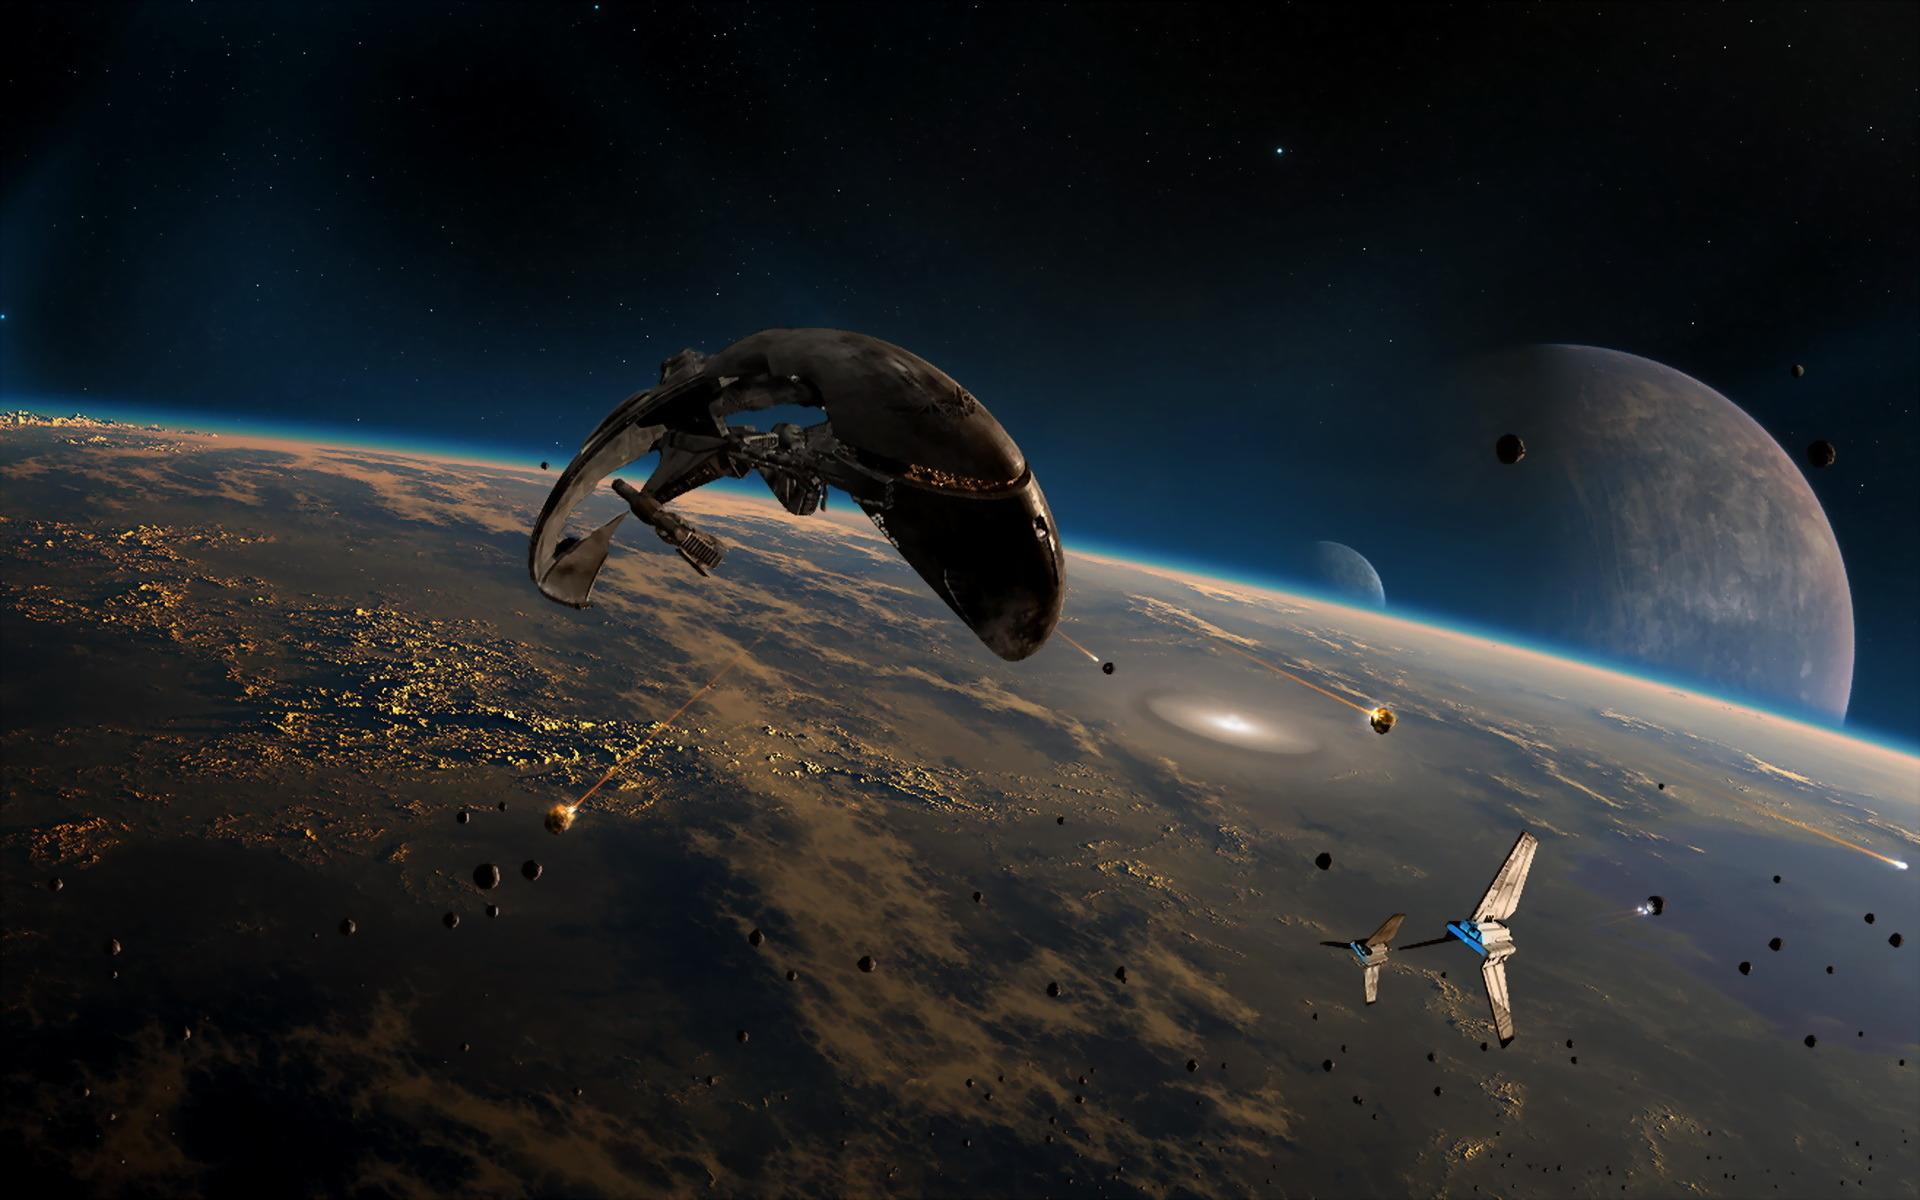 Обои Красная планета горизонт фантастика космос картинки на рабочий стол на тему Космос - скачать бесплатно